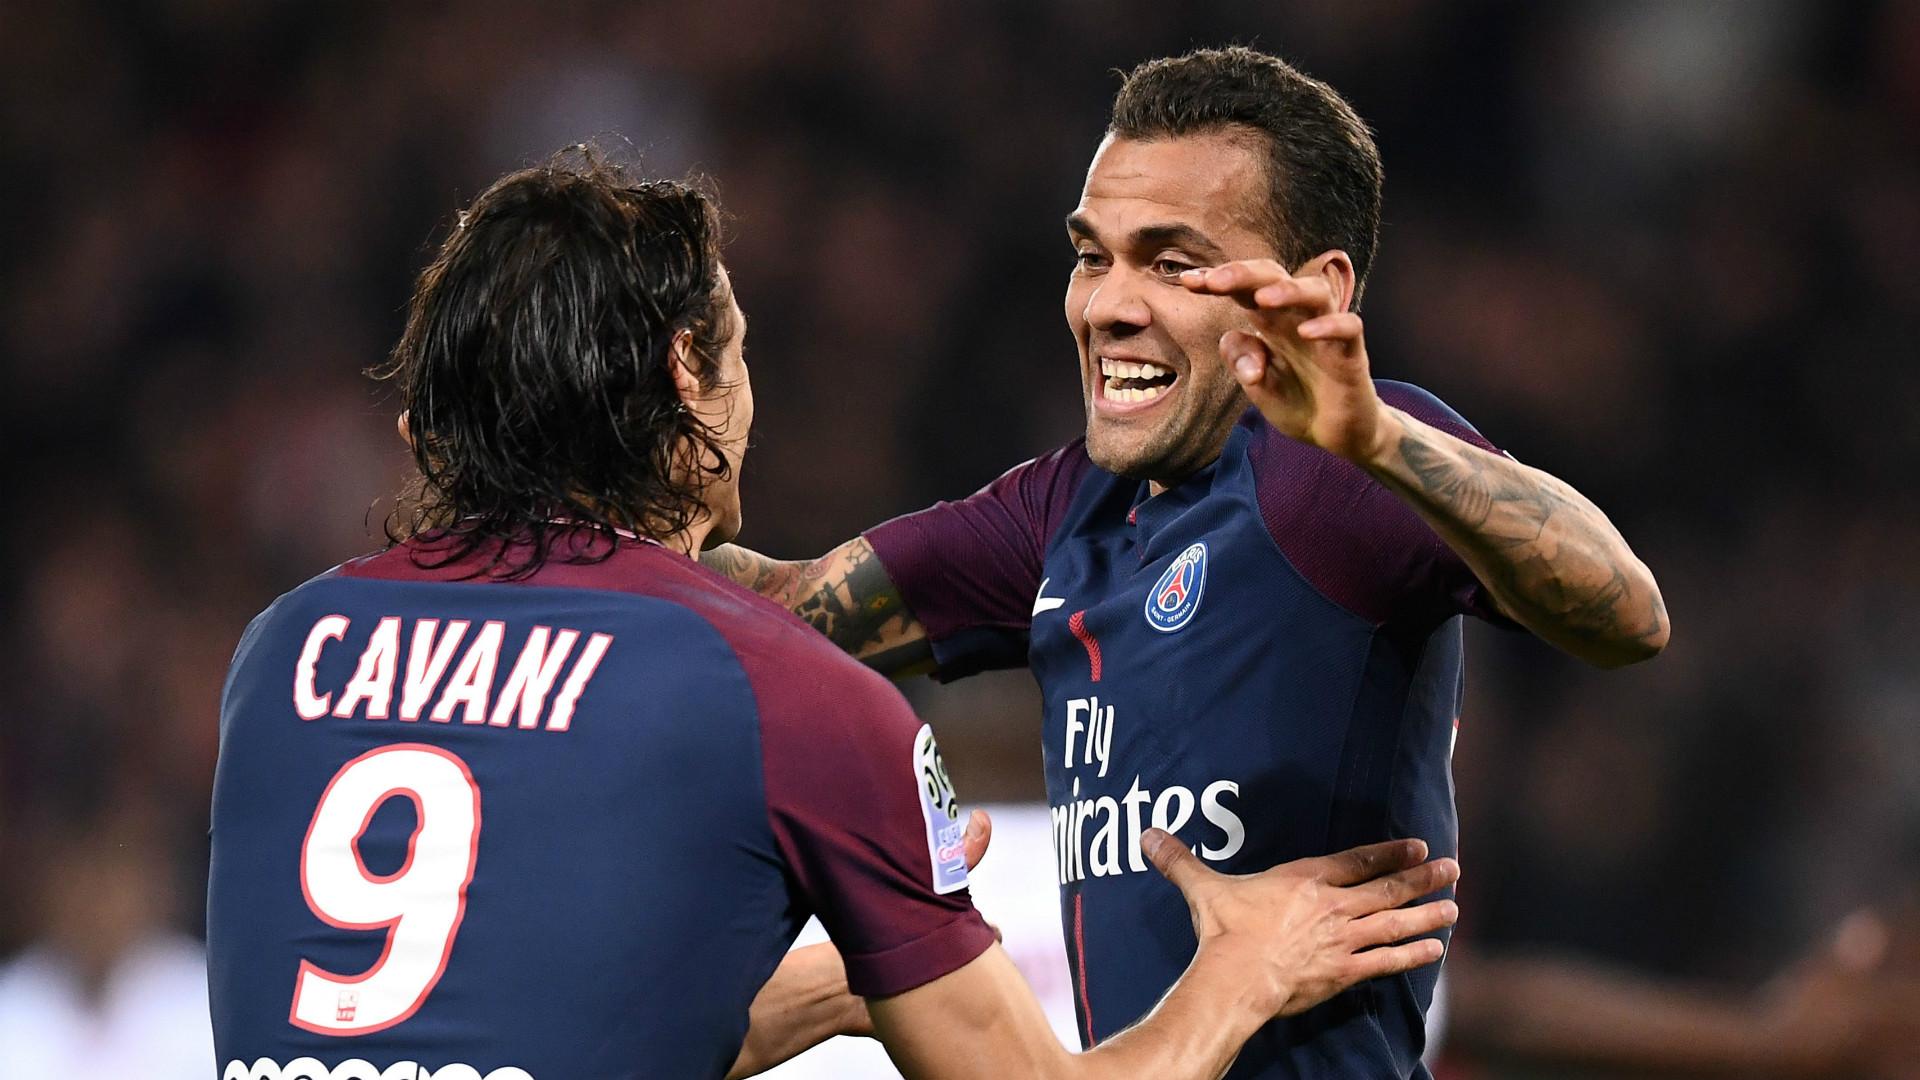 مباراة باريس سان جيرمان وتروا اليوم